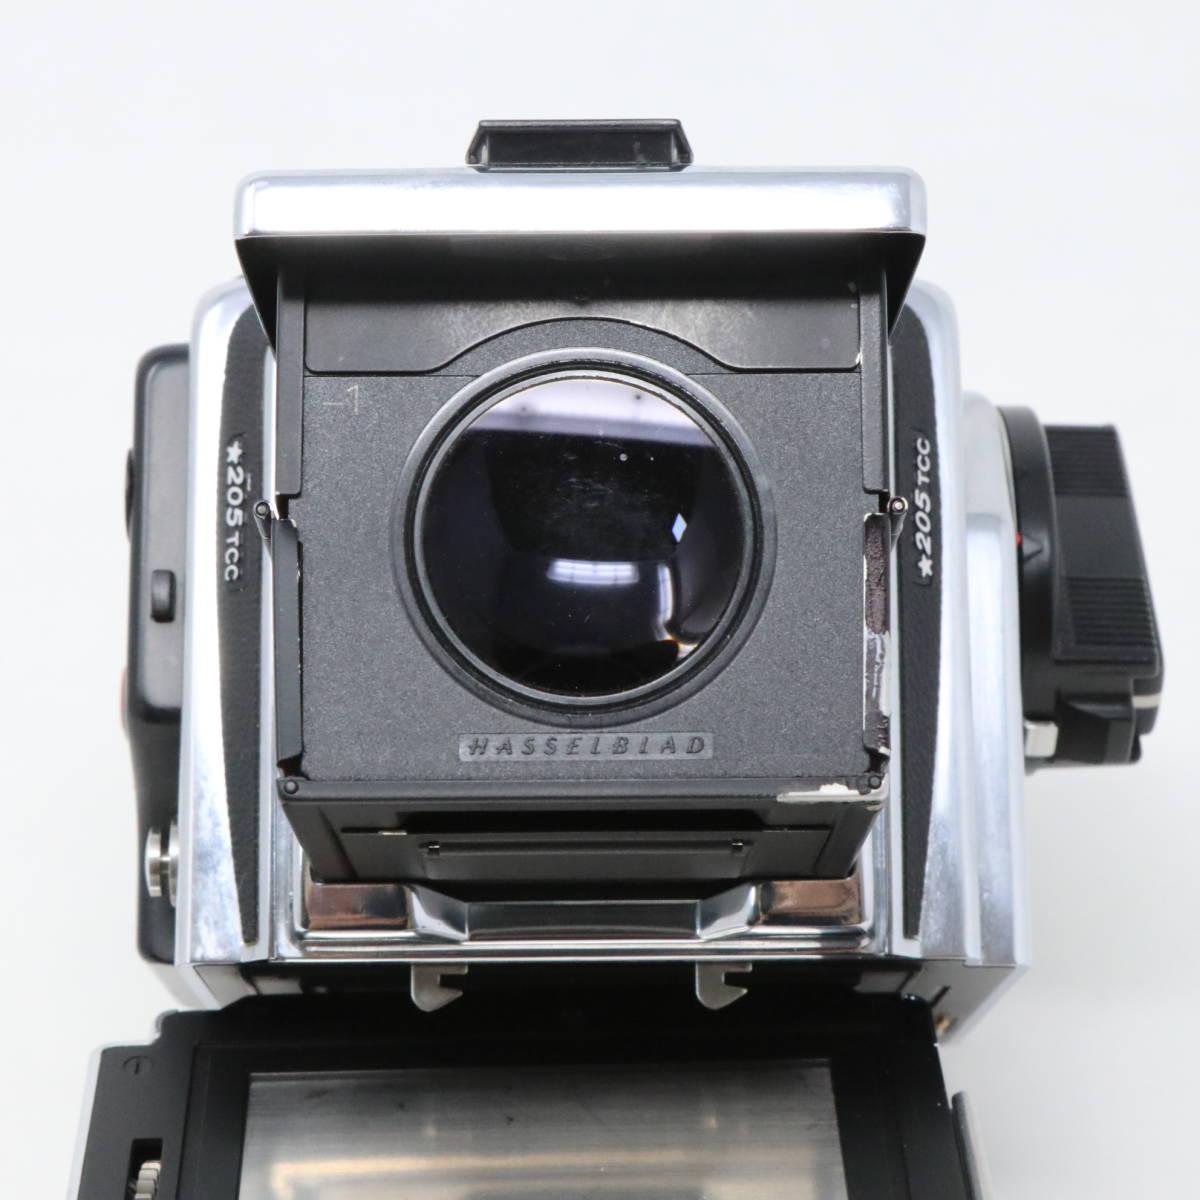 【中古良品完動品】 HASSELBLAD ハッセルブラッド 中判一眼レフカメラ ☆205TCC CarlZeiss Planar F 80mm F2.8 T* マガジン12TCC +16TCC付_画像5